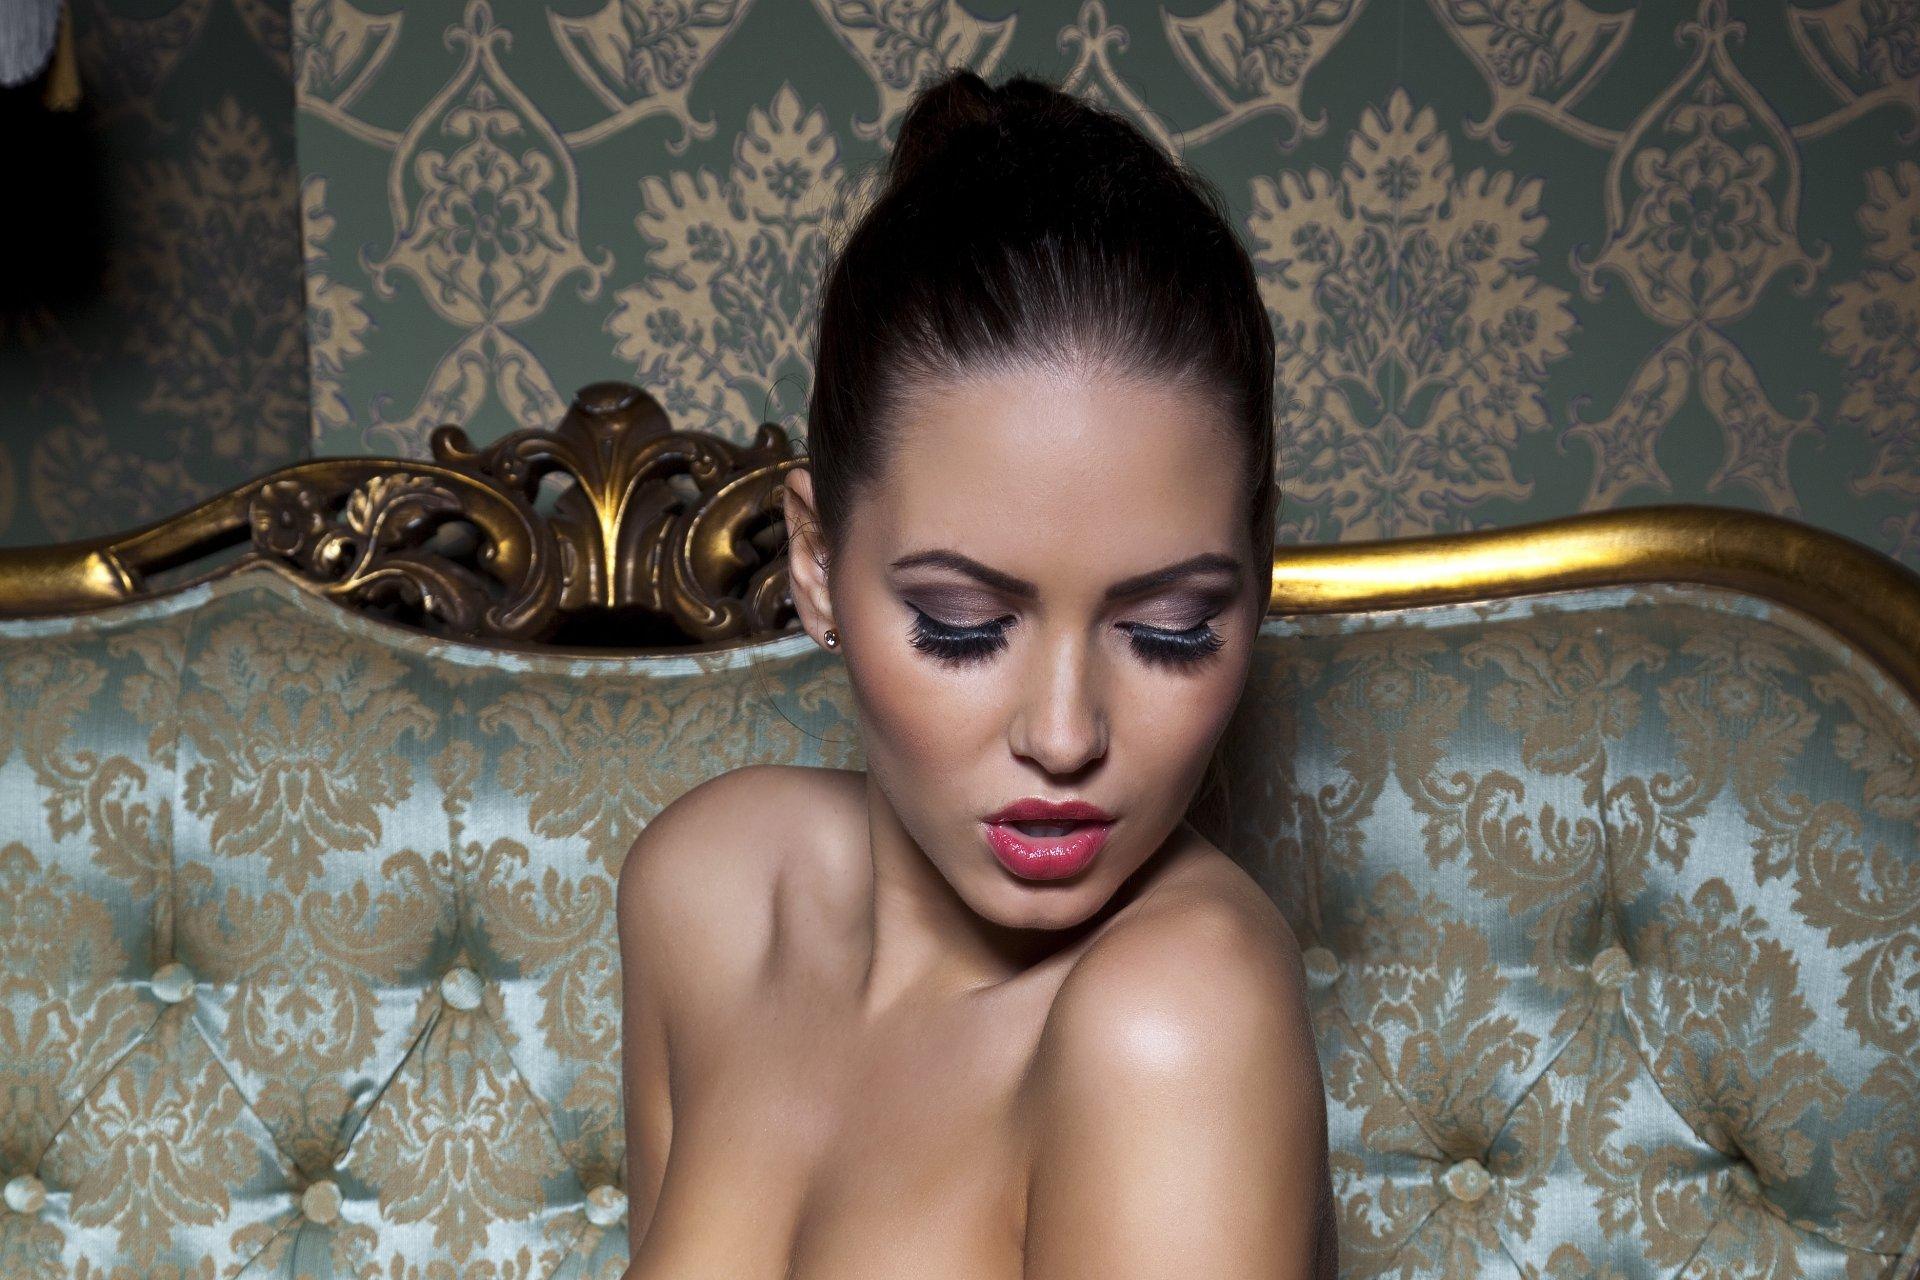 Фото голых моделей брюнеток, Огромная бесплатная галерея порно фото брюнеток 23 фотография